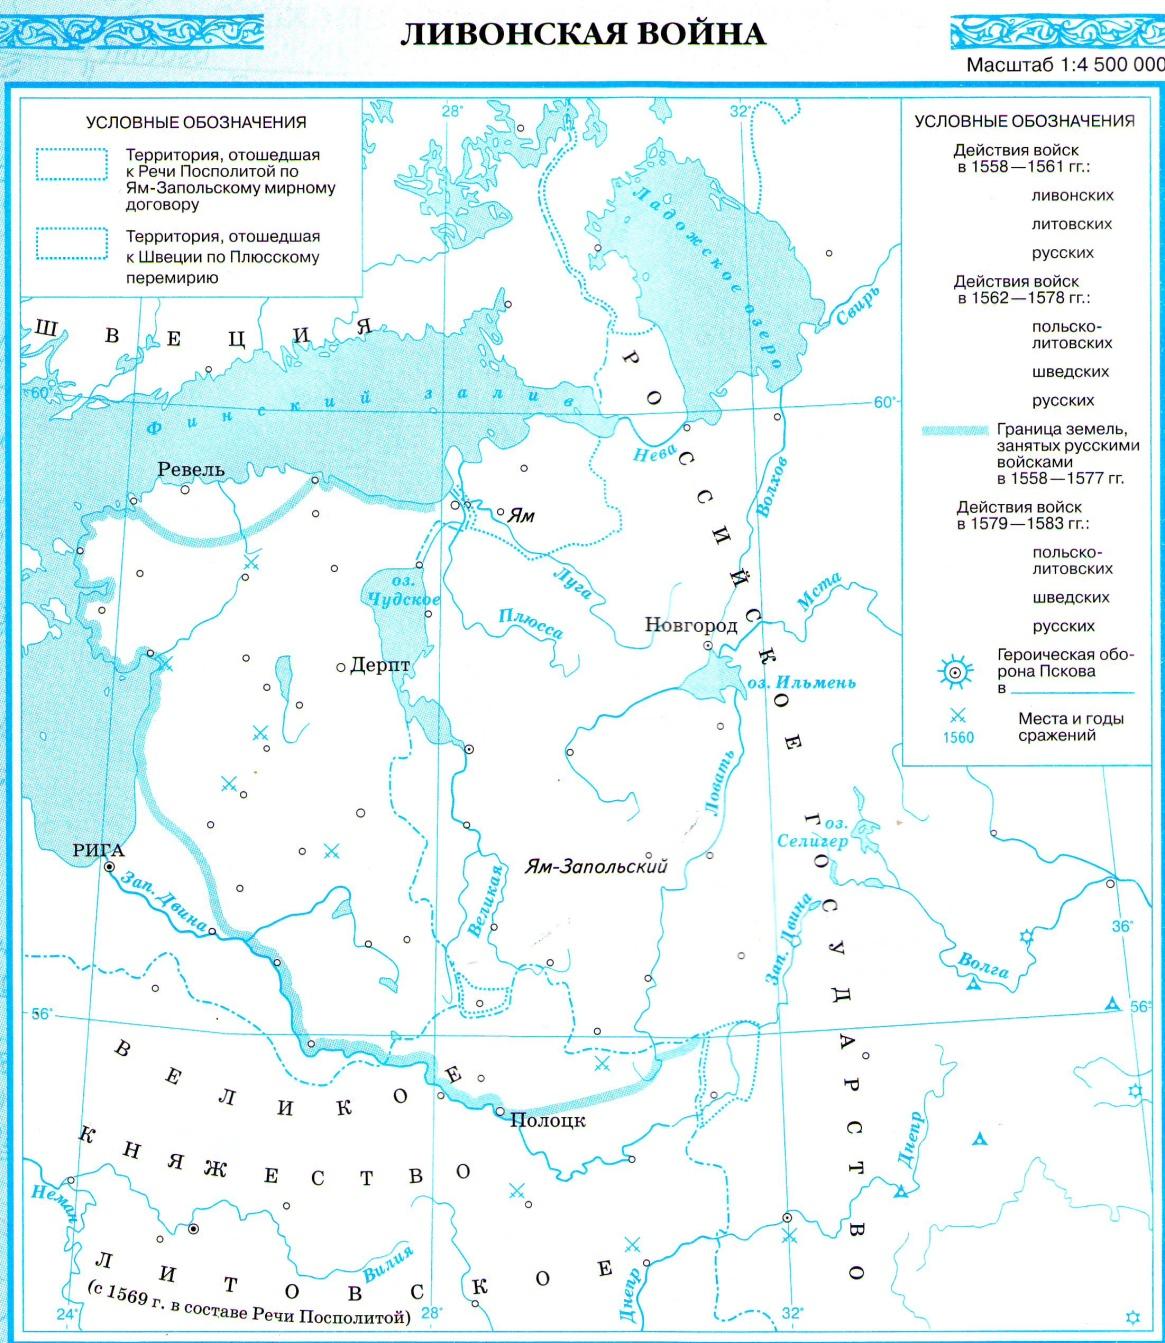 гдз 7 класс контурные карты история россии 16-18 века